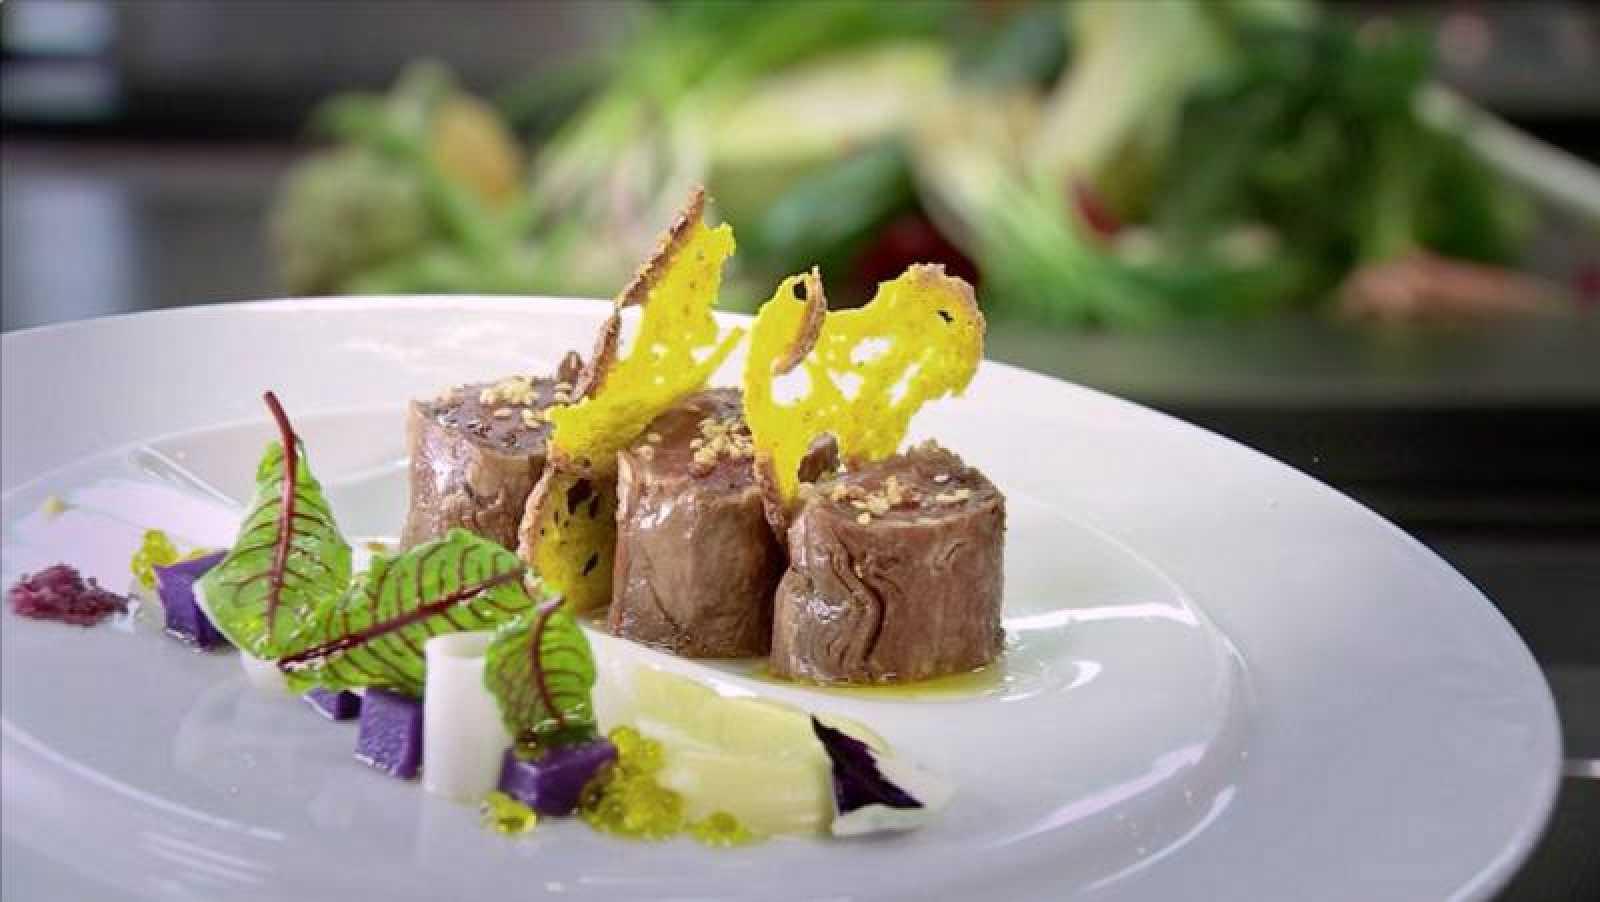 Ensalada de solomillo de euskaltxerri con puré de coliflor y cúrcuma y pan de hogaza, y brotes verdes